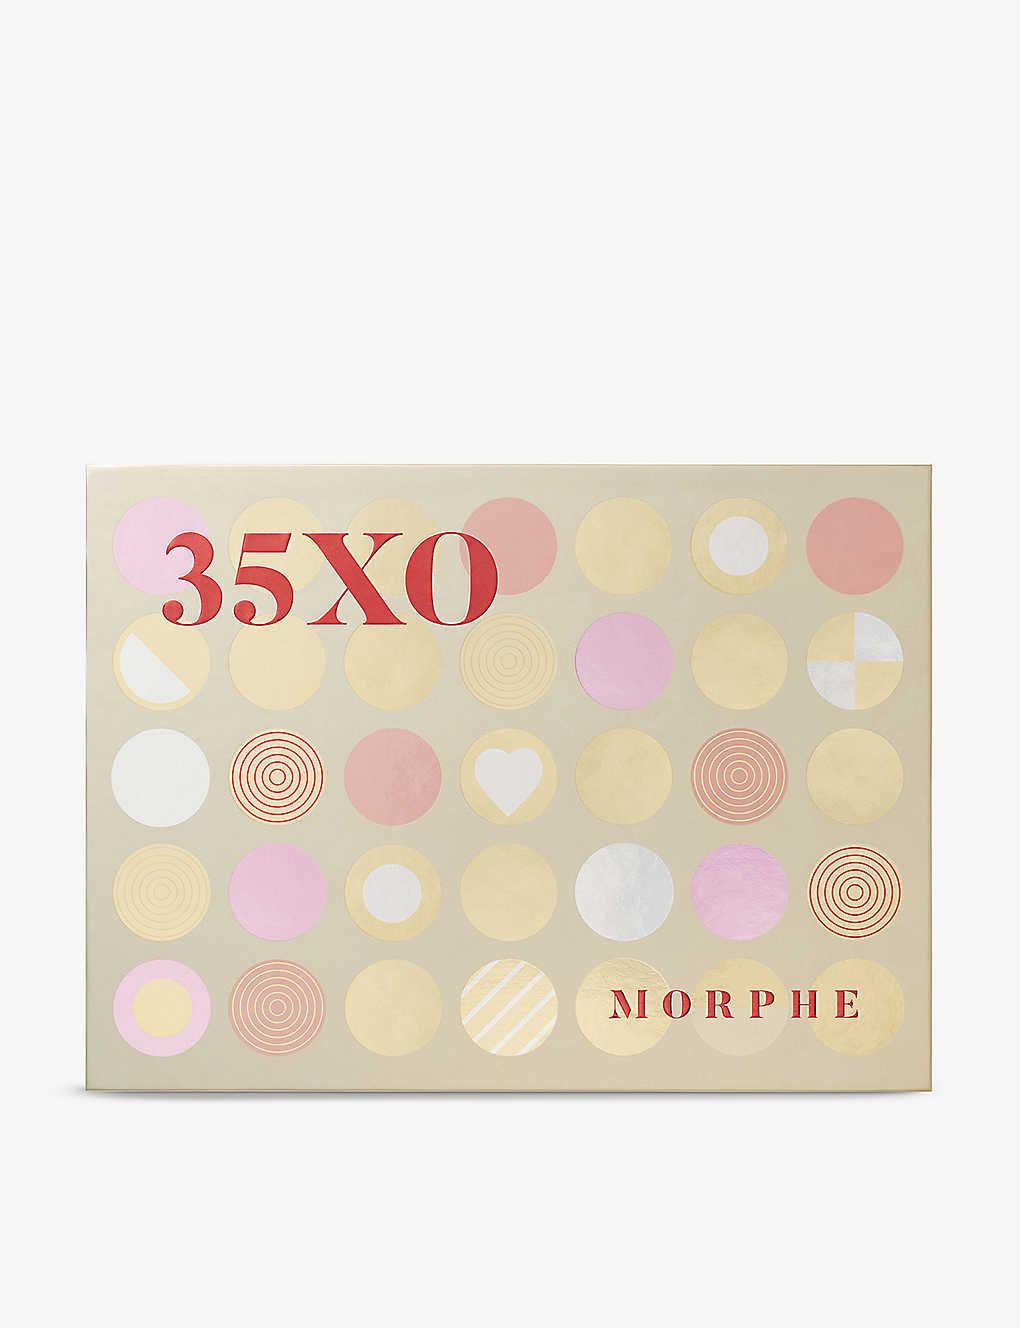 Morphe 35XO Natural Flirt Artistry Palette